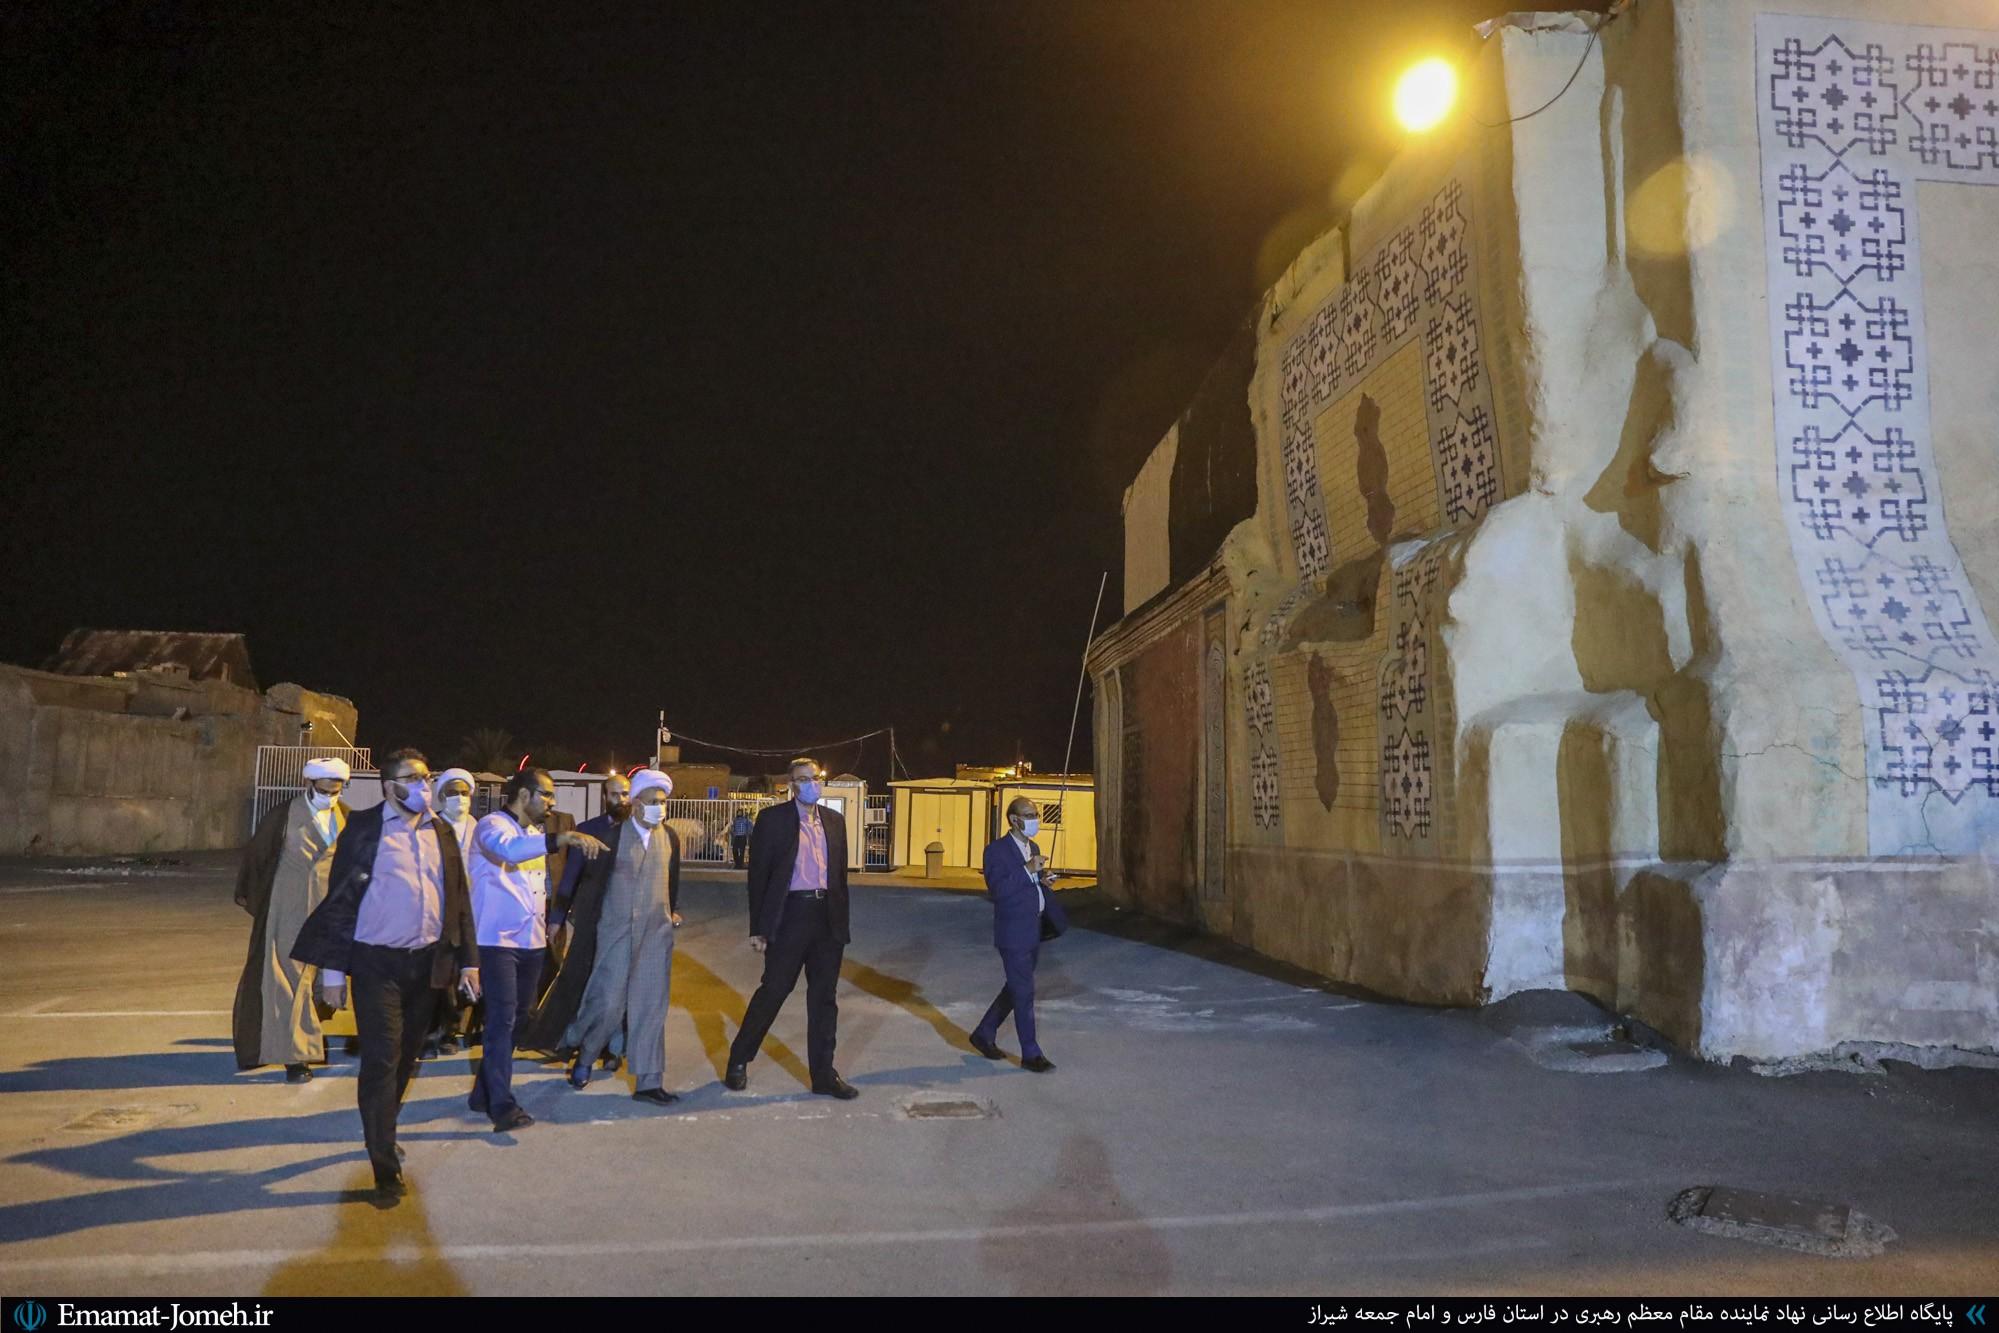 بازدید آیت الله دژکام از مناطق حاشیه آستان مقدس احمدی و محمدی(ع)